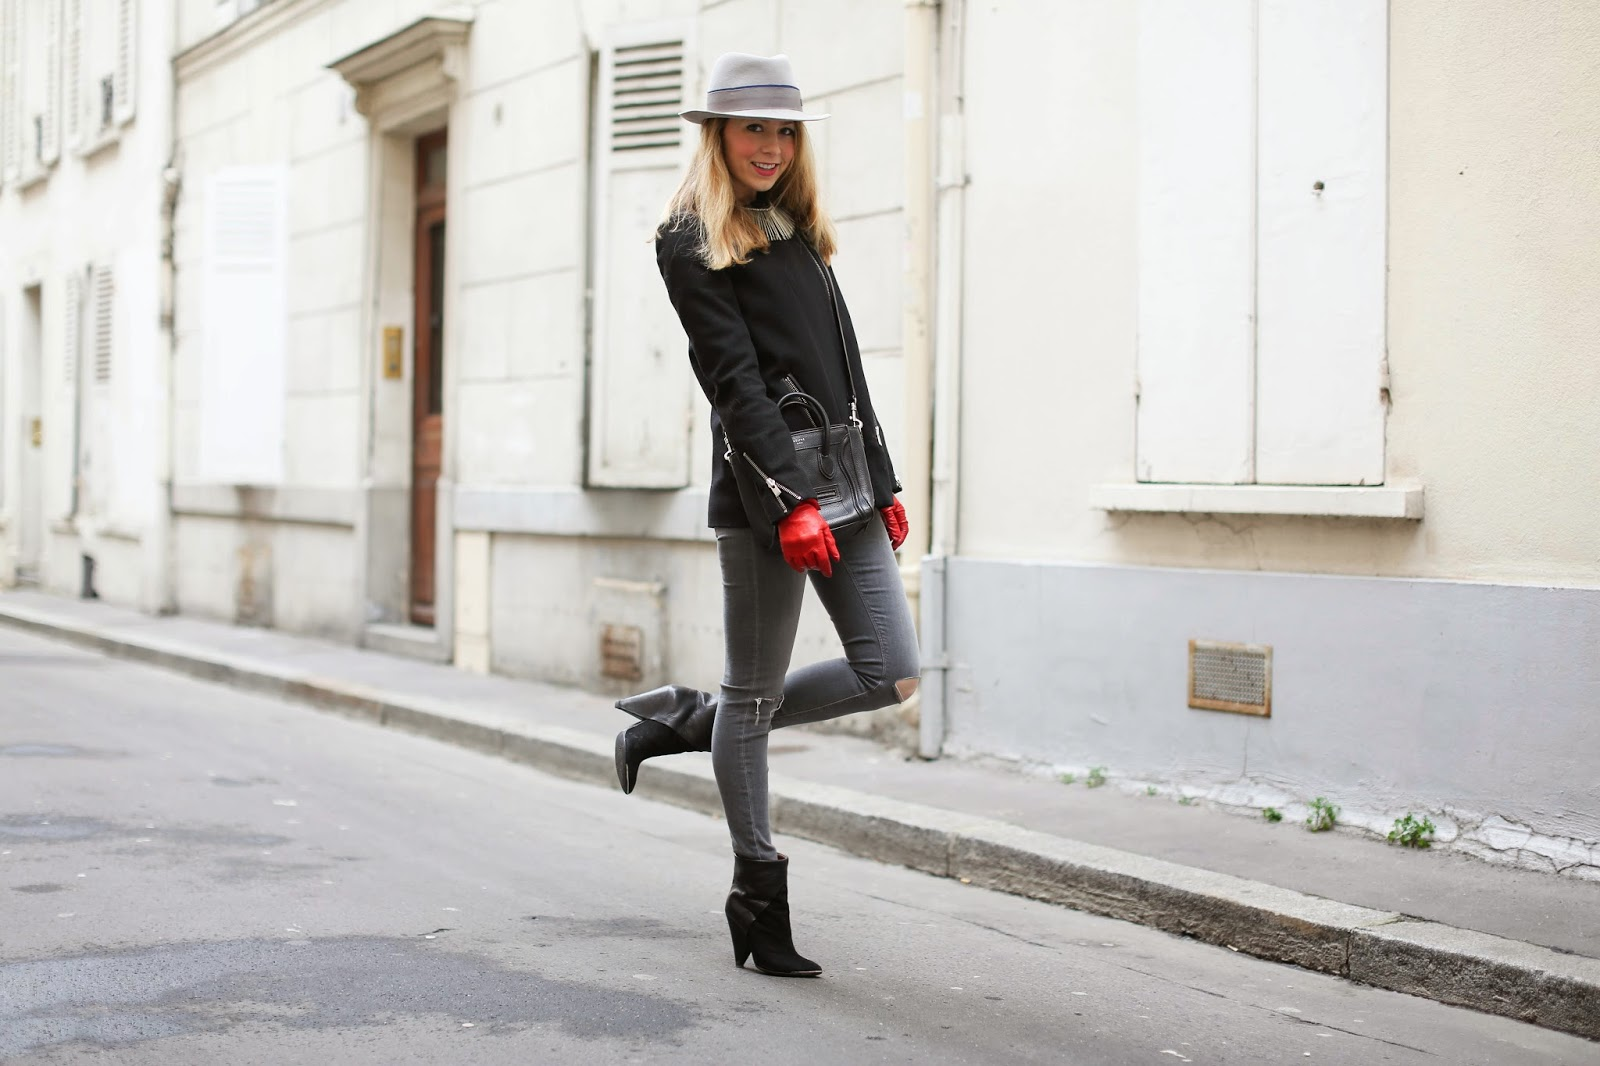 edgy, maje, topshop, iro, maison michel, céline, gloves, streetstyle, paris